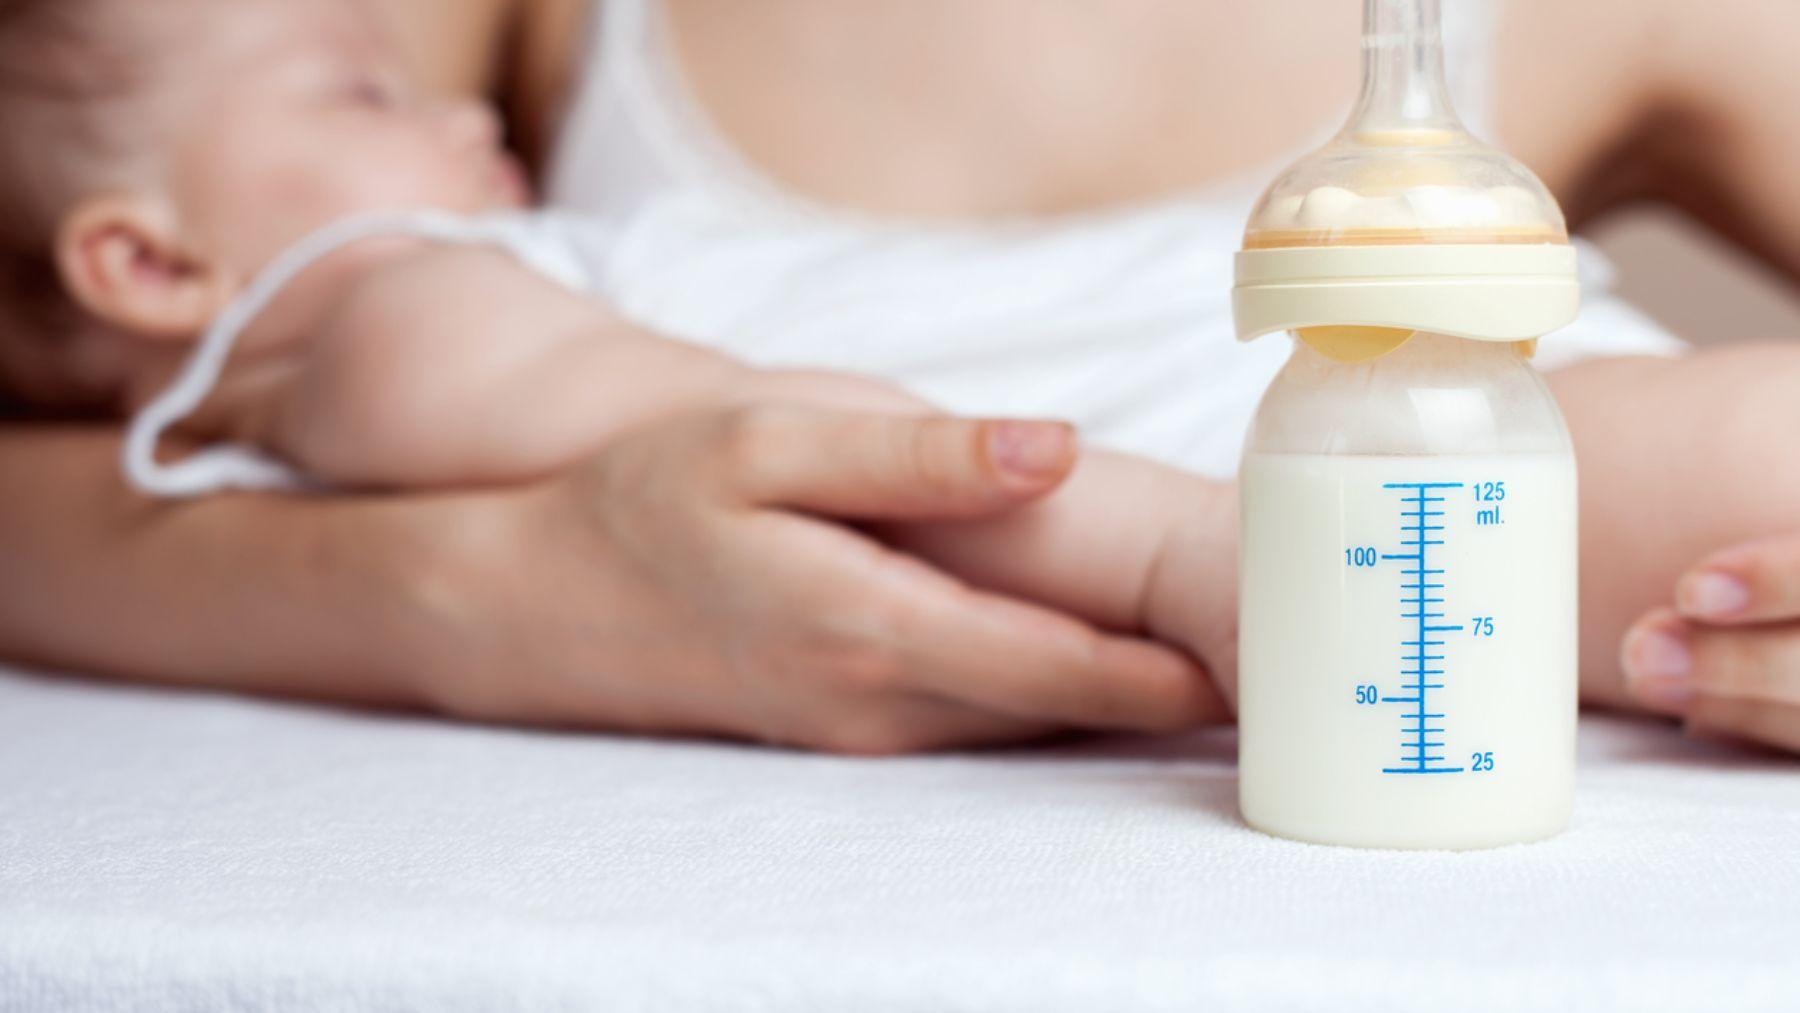 Un estudio revela como los azúcares en la leche materna pueden prevenir infecciones en los bebés